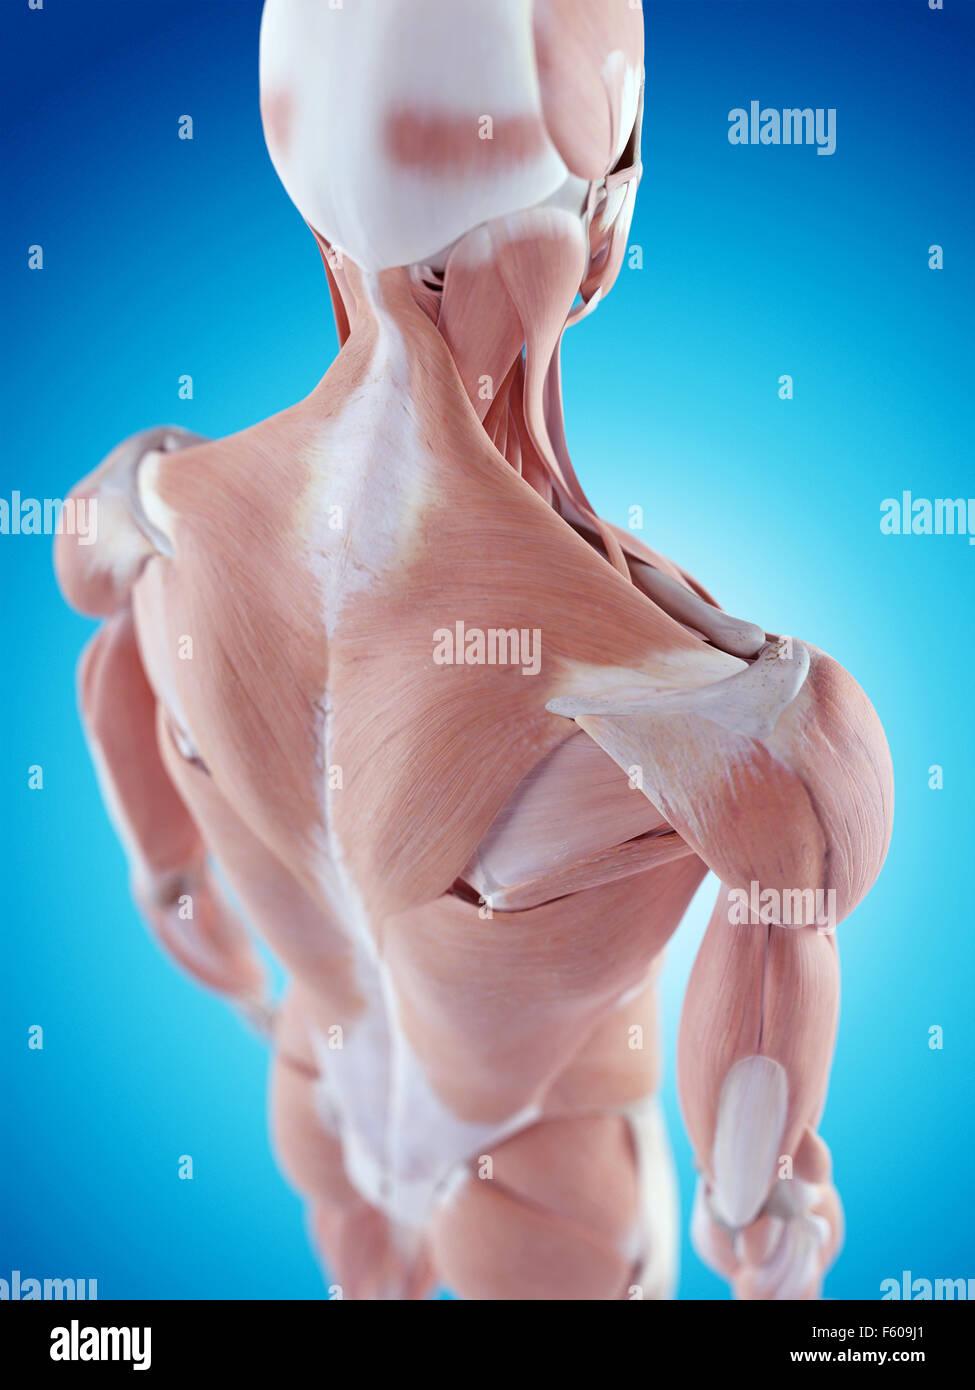 Hermosa Anatomía Del Hombro Fotos Adorno - Imágenes de Anatomía ...